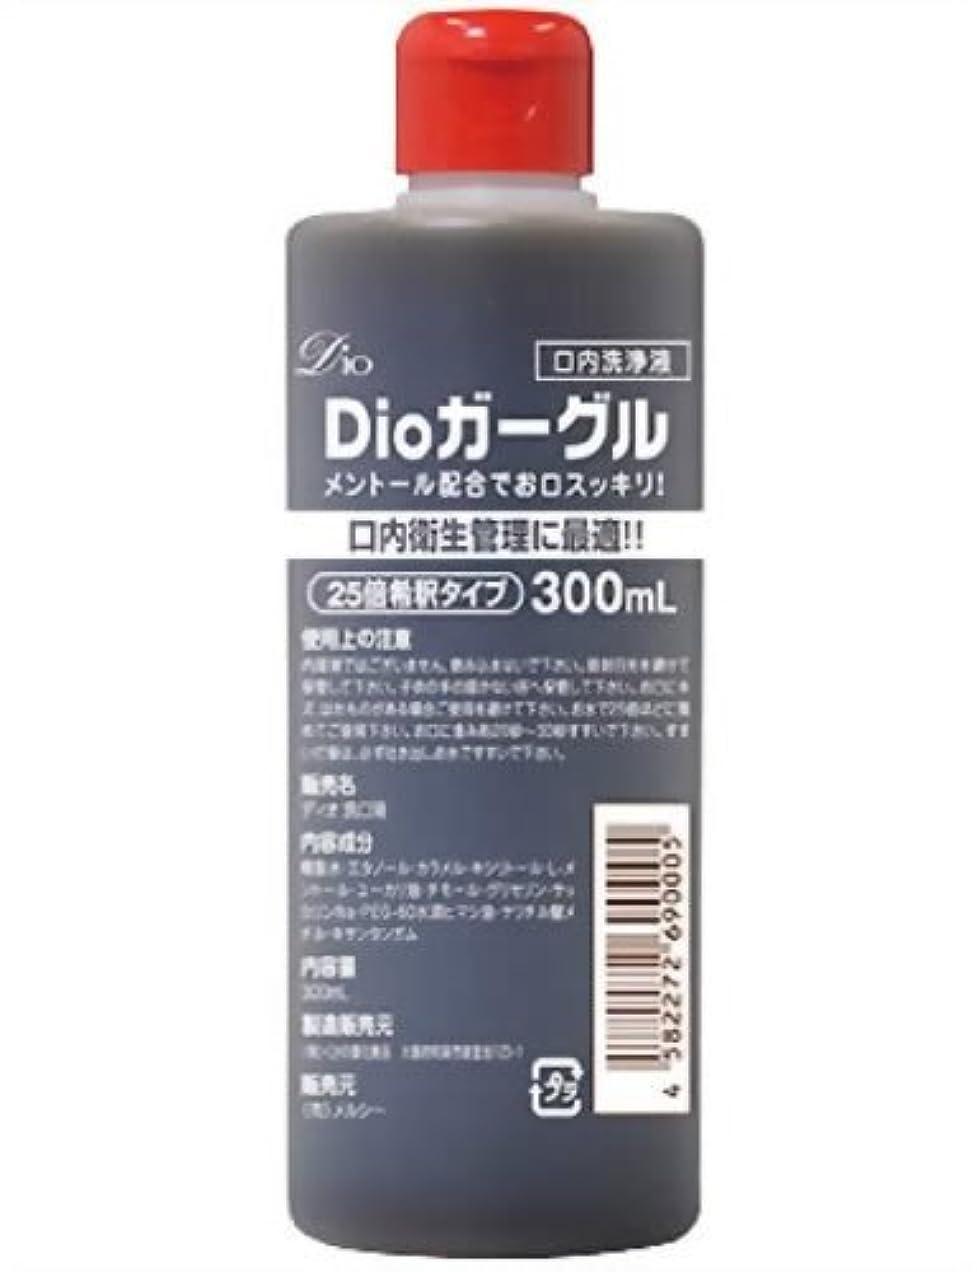 アドバイス始めるシャンパン【業務用】 Dioガーグル 300ml